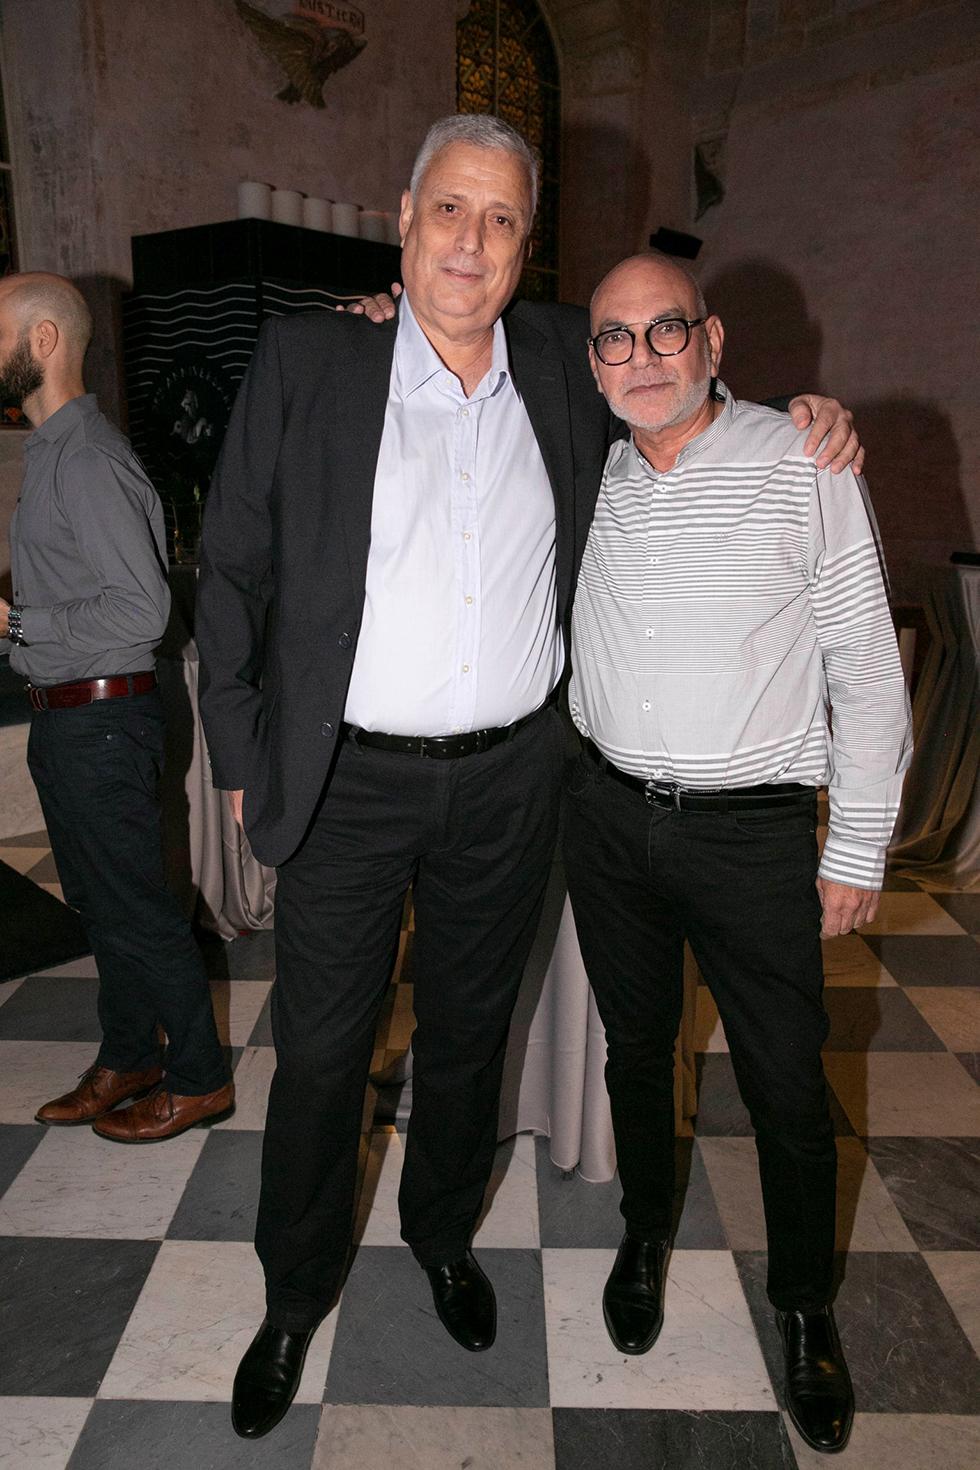 משה רוזנבלום ודודו פולטרוק (צילום: ערן לם)